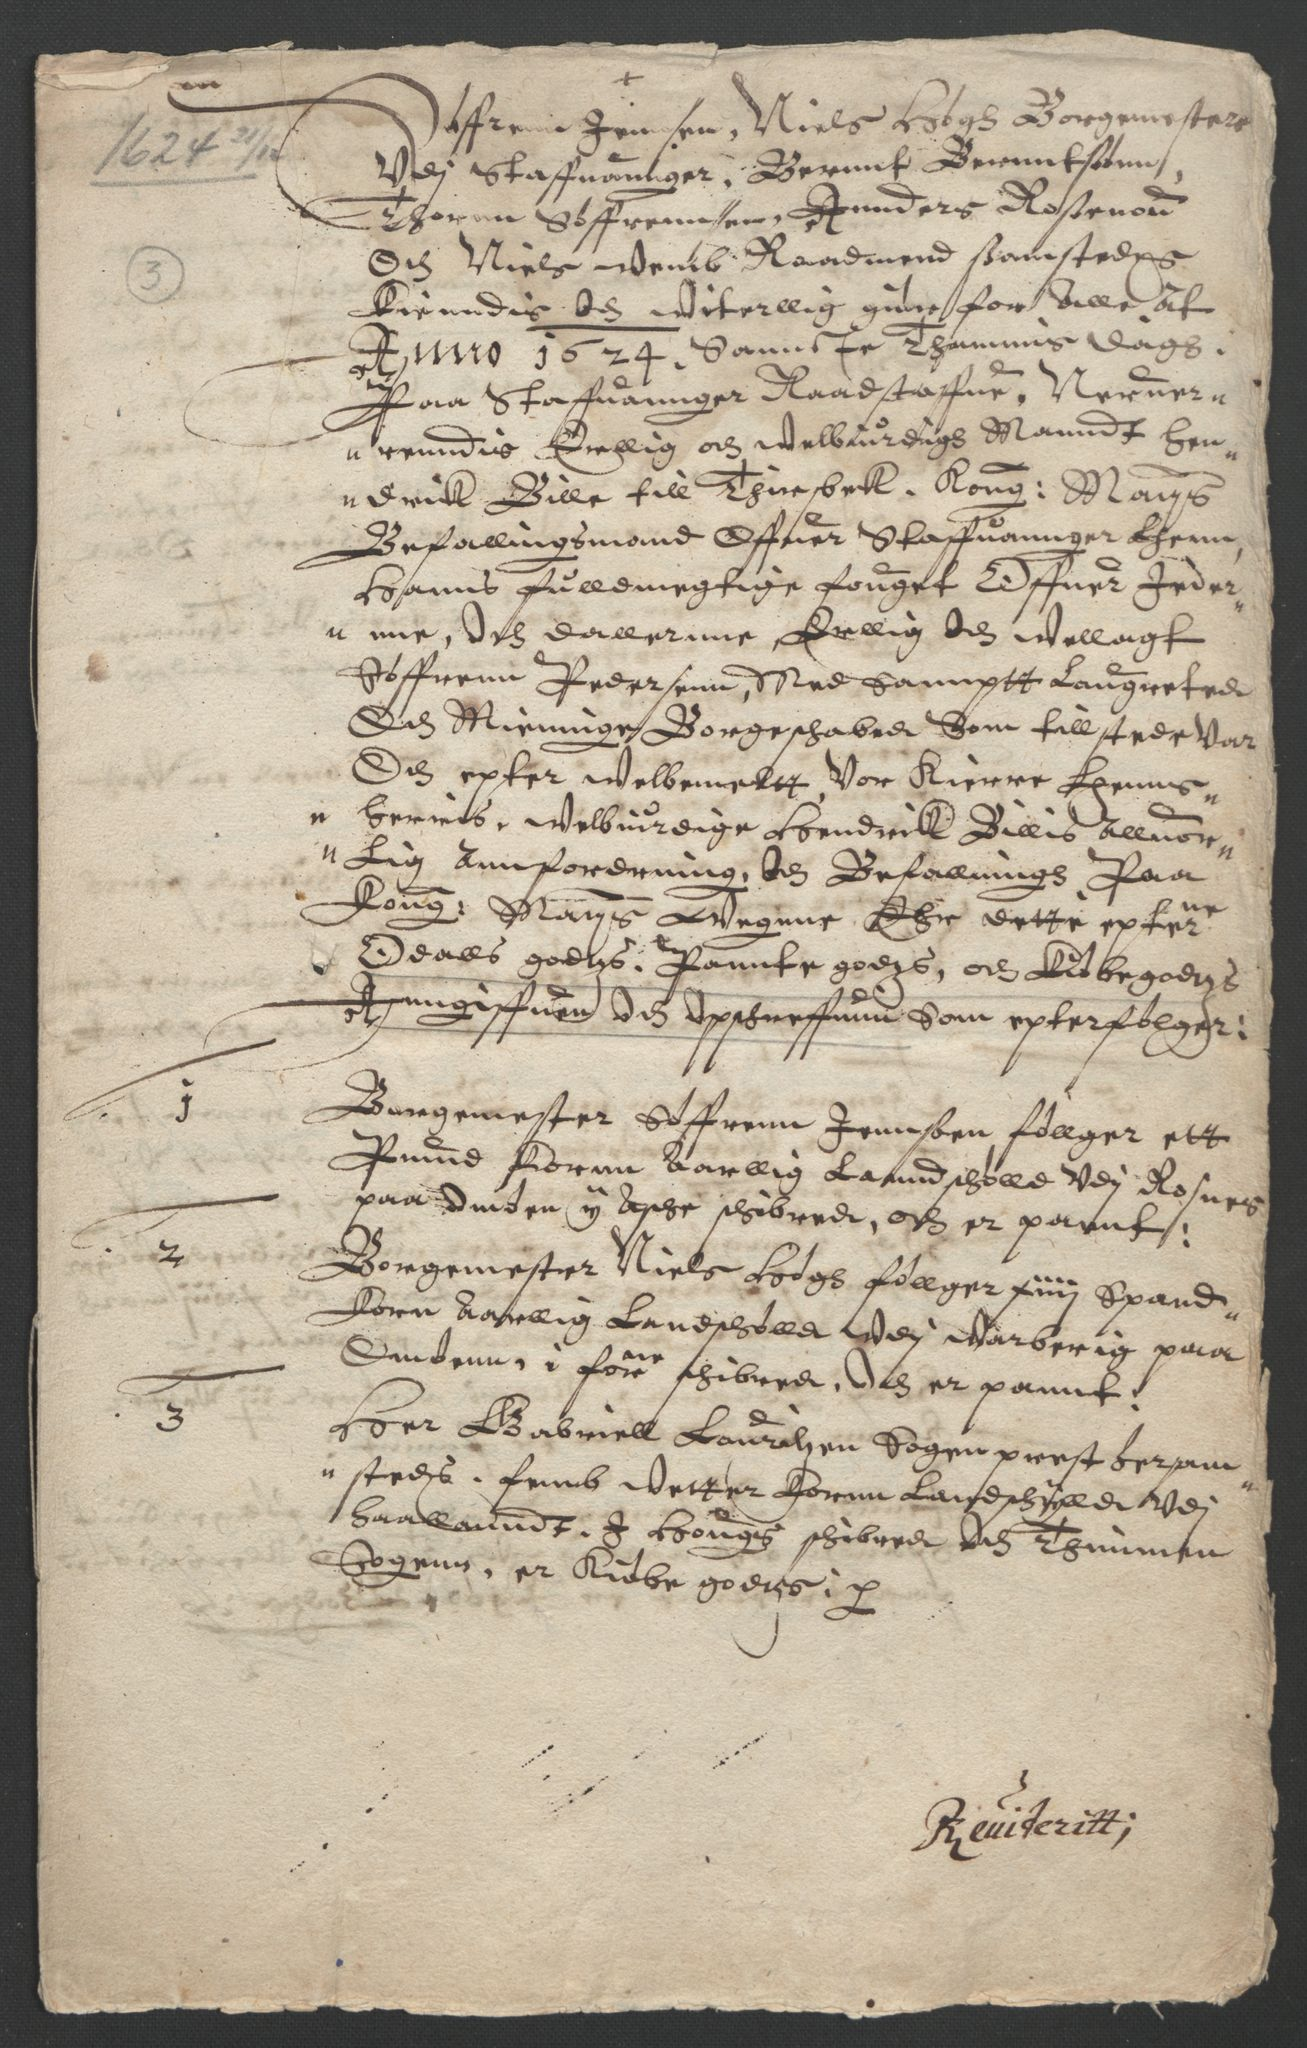 RA, Stattholderembetet 1572-1771, Ek/L0010: Jordebøker til utlikning av rosstjeneste 1624-1626:, 1624-1626, s. 61